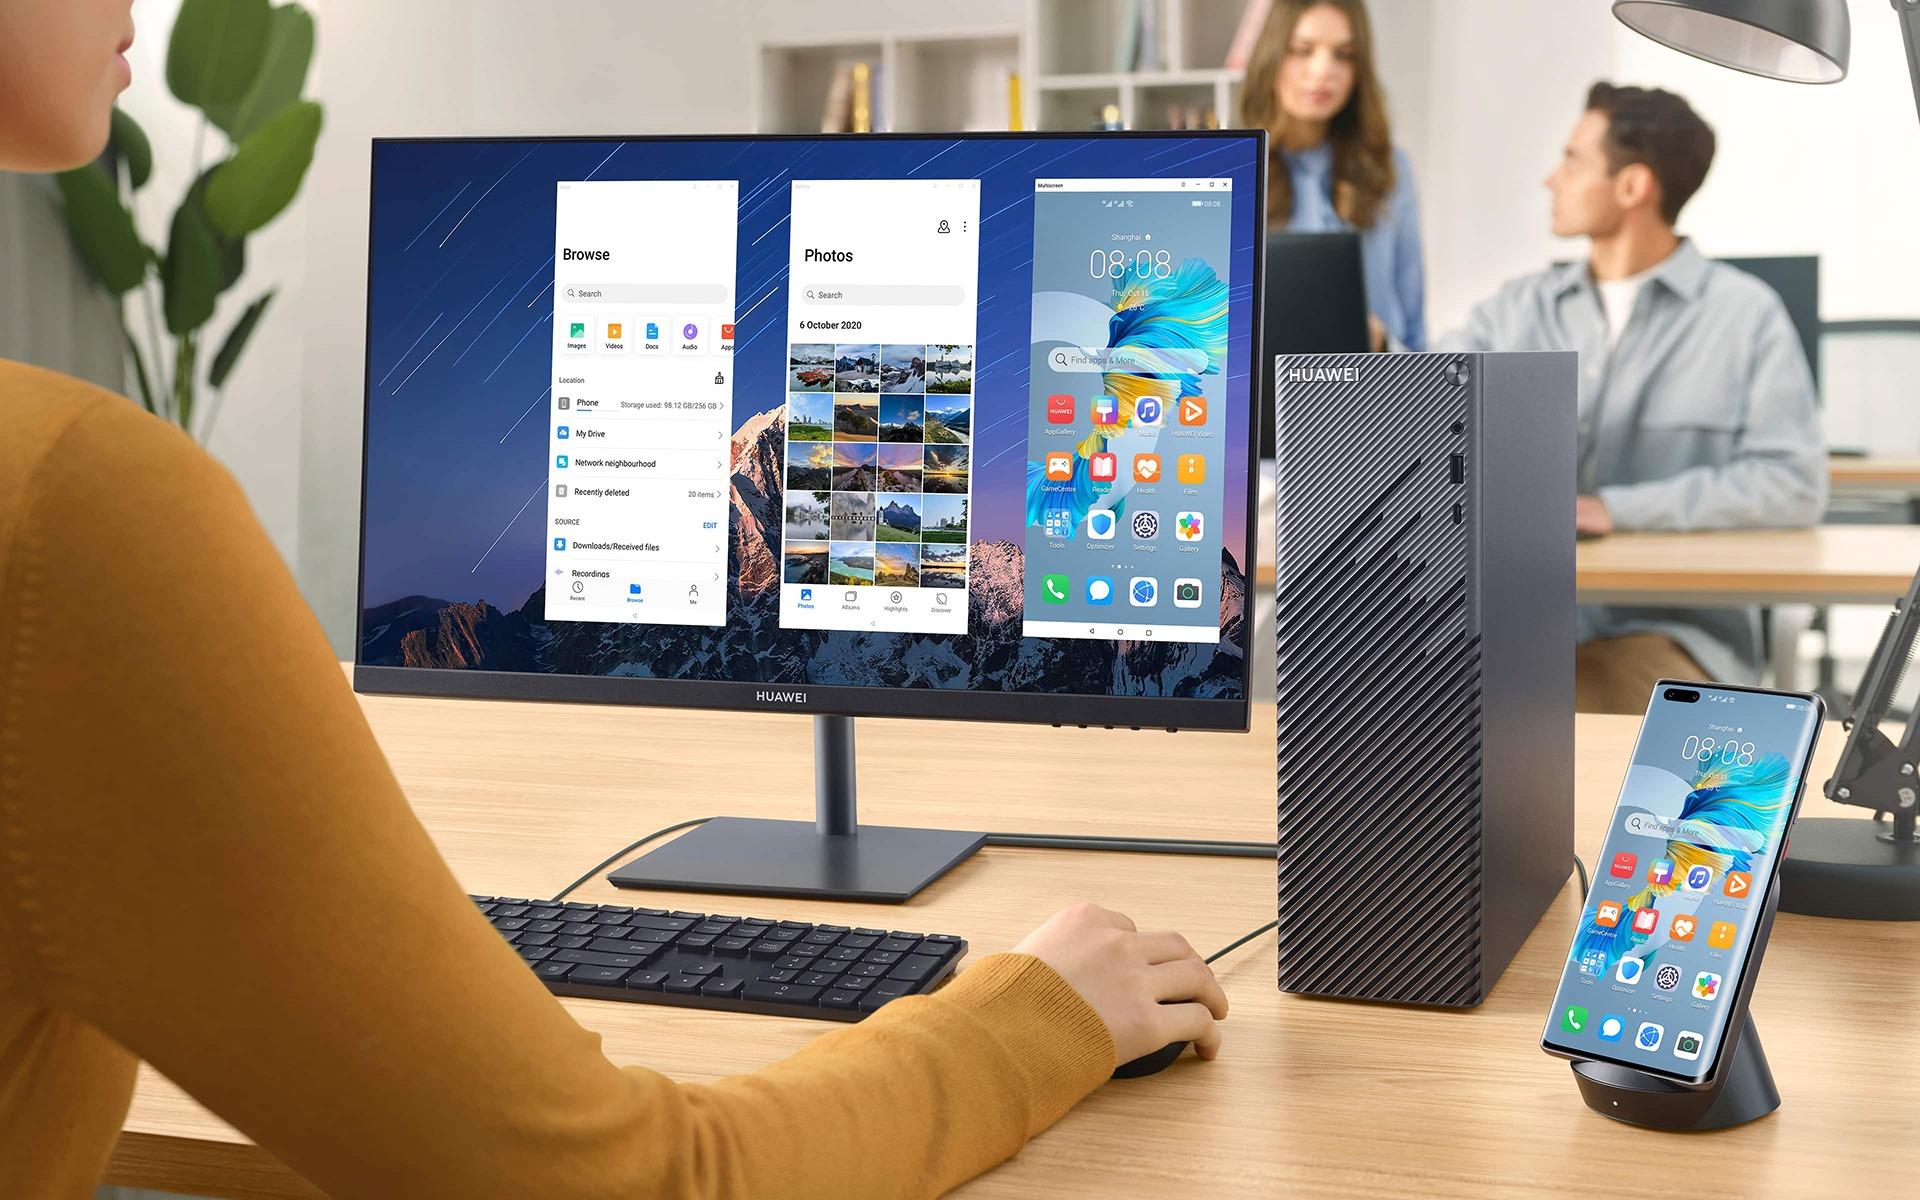 стартира първоначално в Китай продажбите на персоналния десктоп компютър Huawei